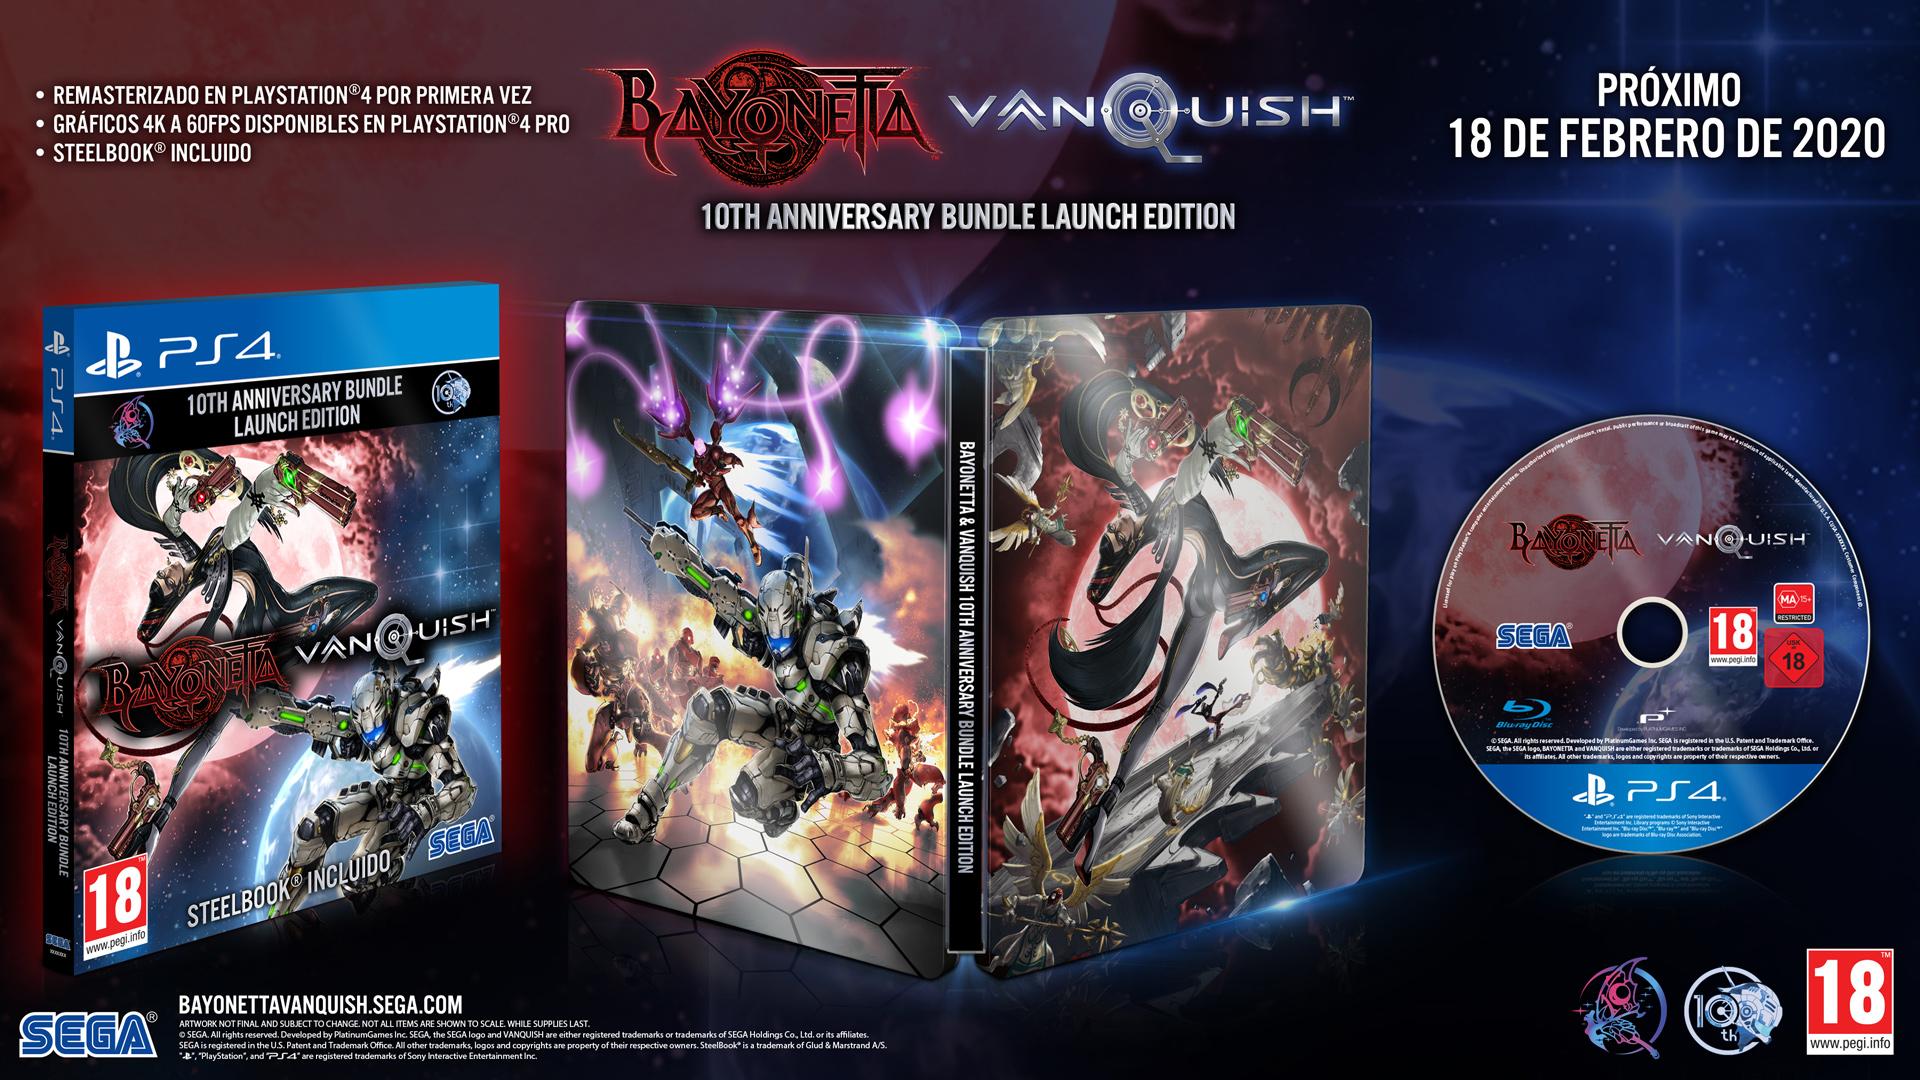 Confirman remasterizaciones de Bayonetta y Vanquish; conoce su fecha de estreno